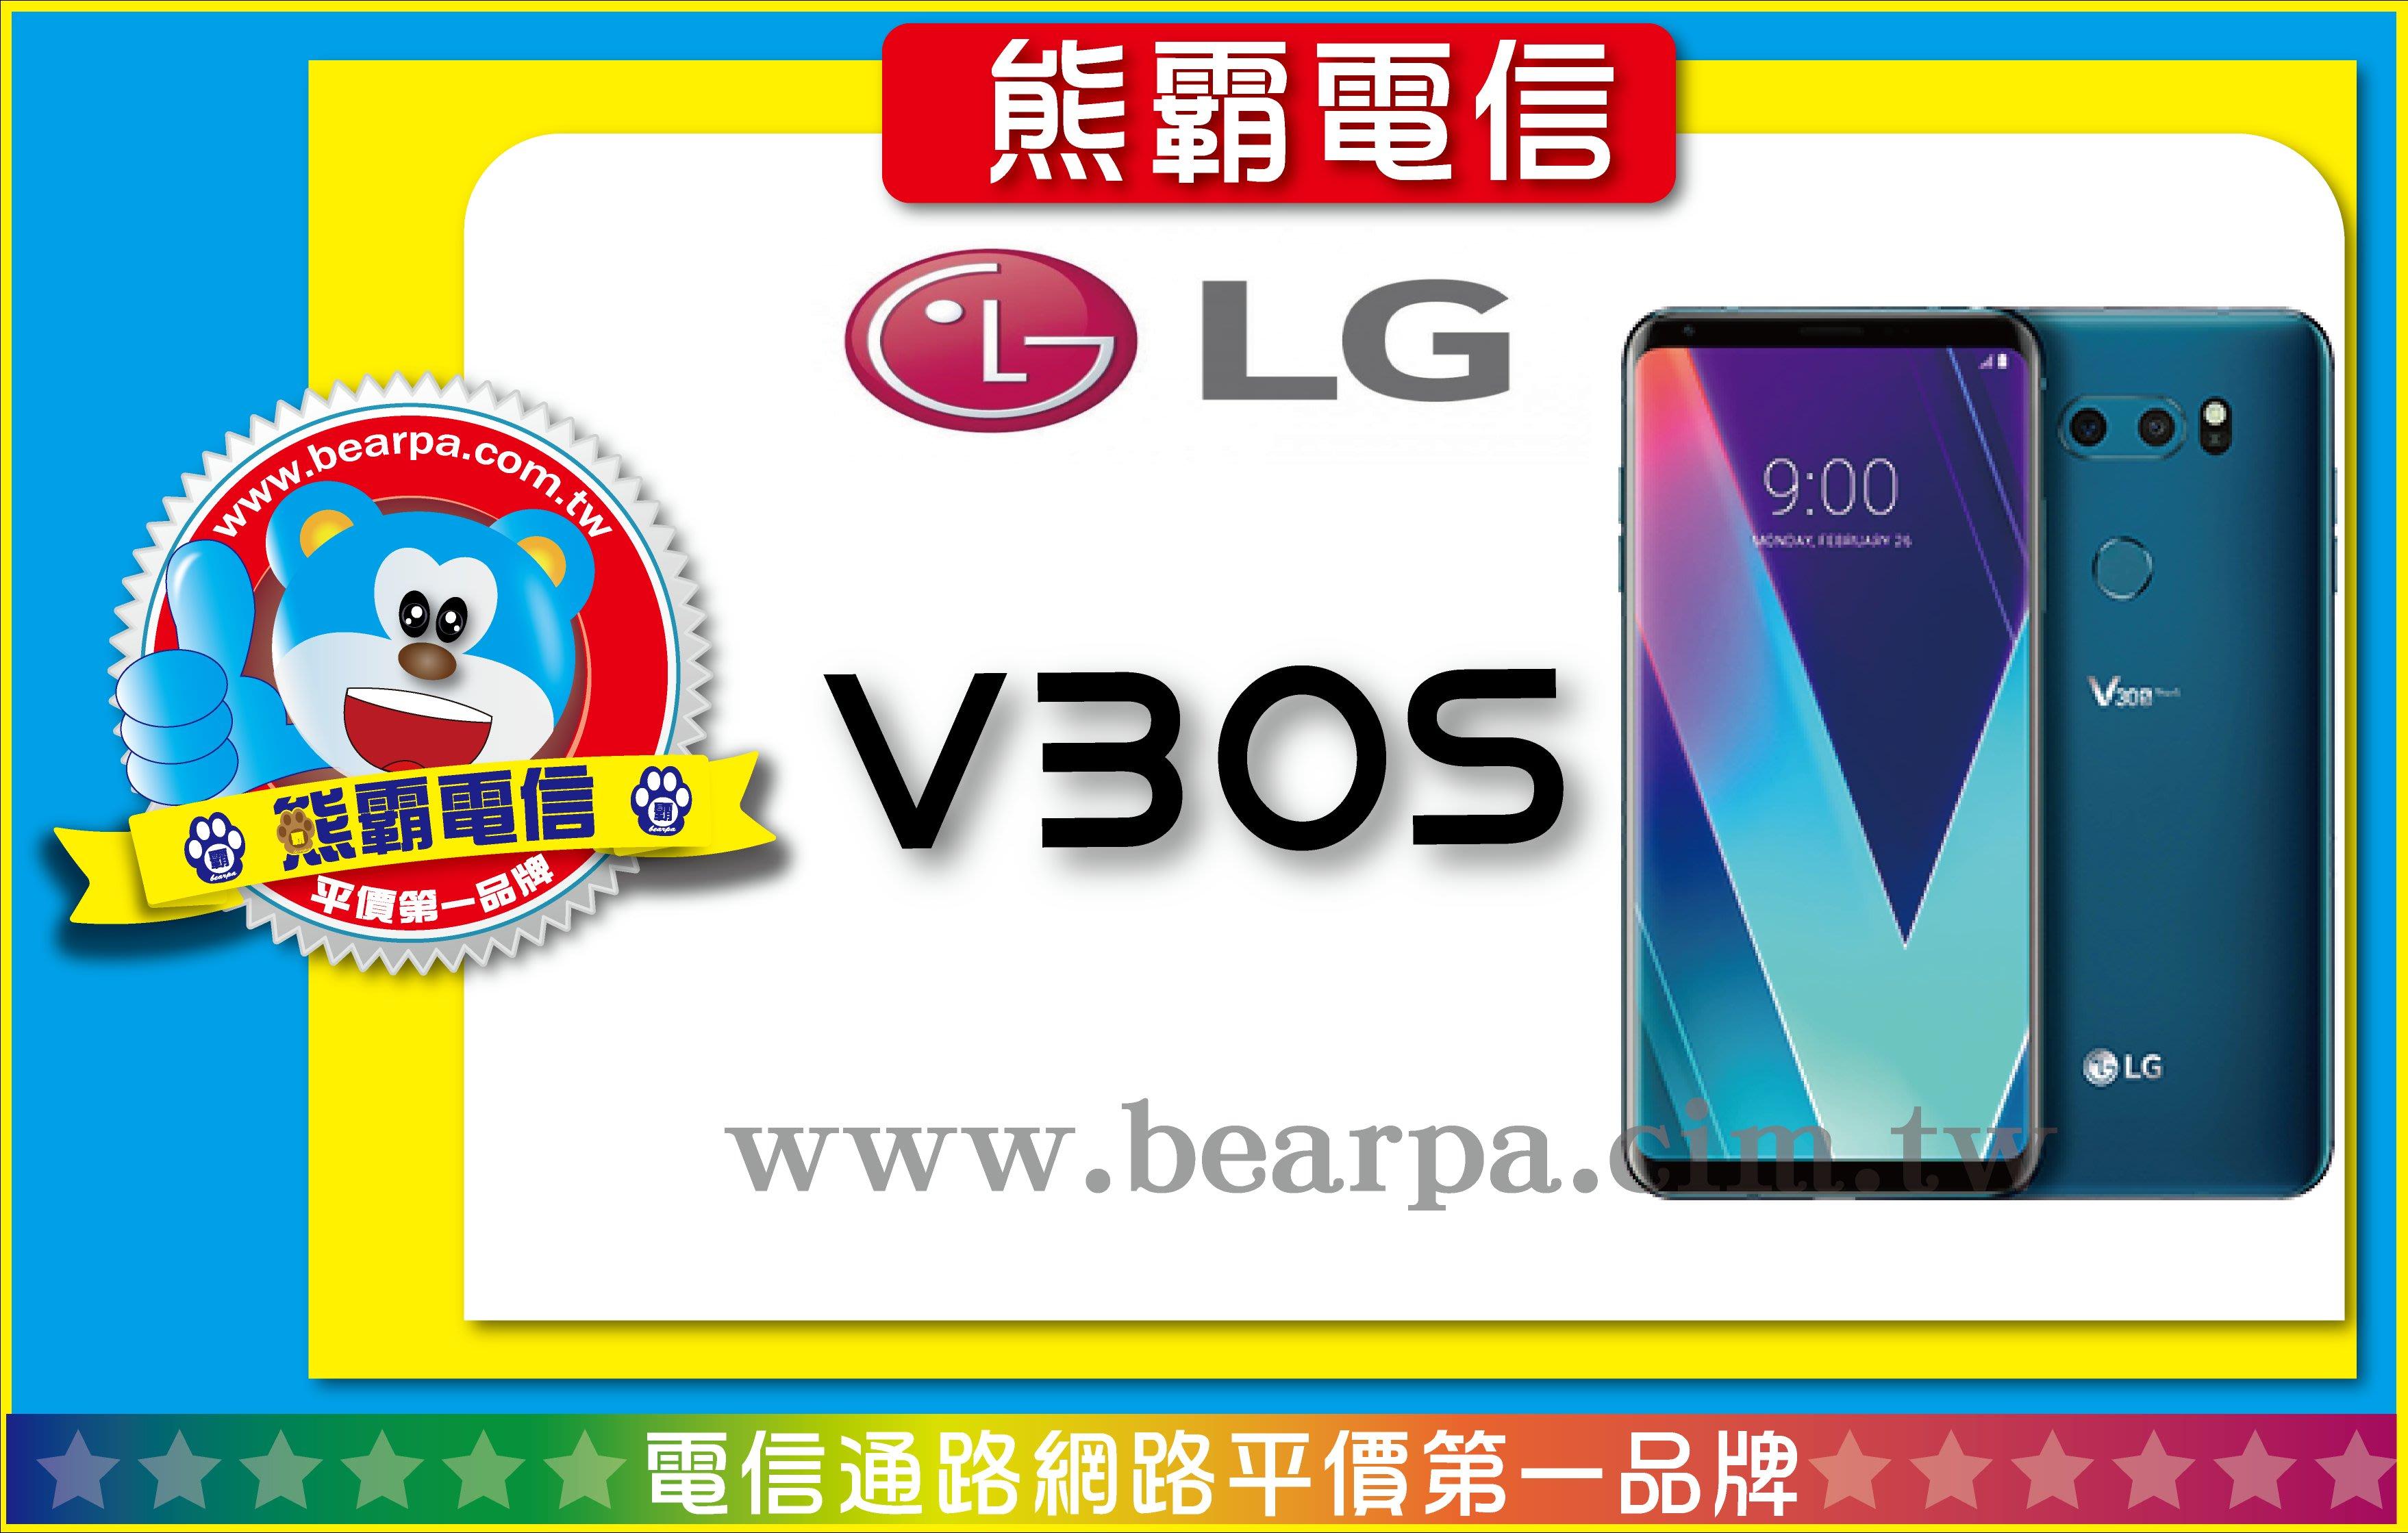 熊霸電信-熊霸泰山 LG V30S 空機最低價23500元